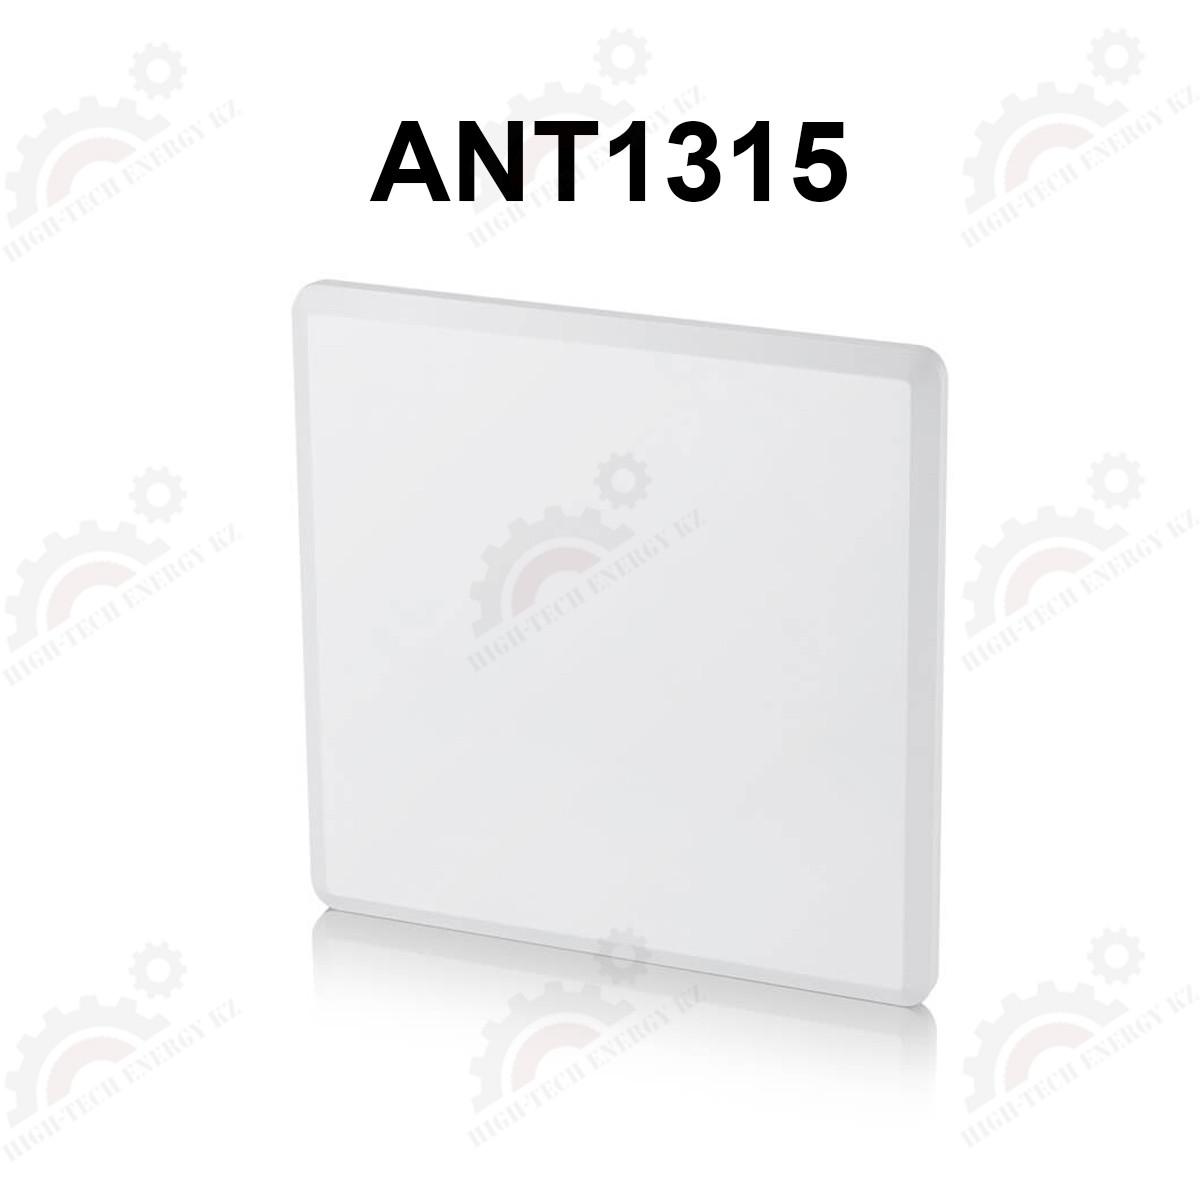 2,4 ГГц 15 dBi направленная Wi-Fi антенна ANT1315